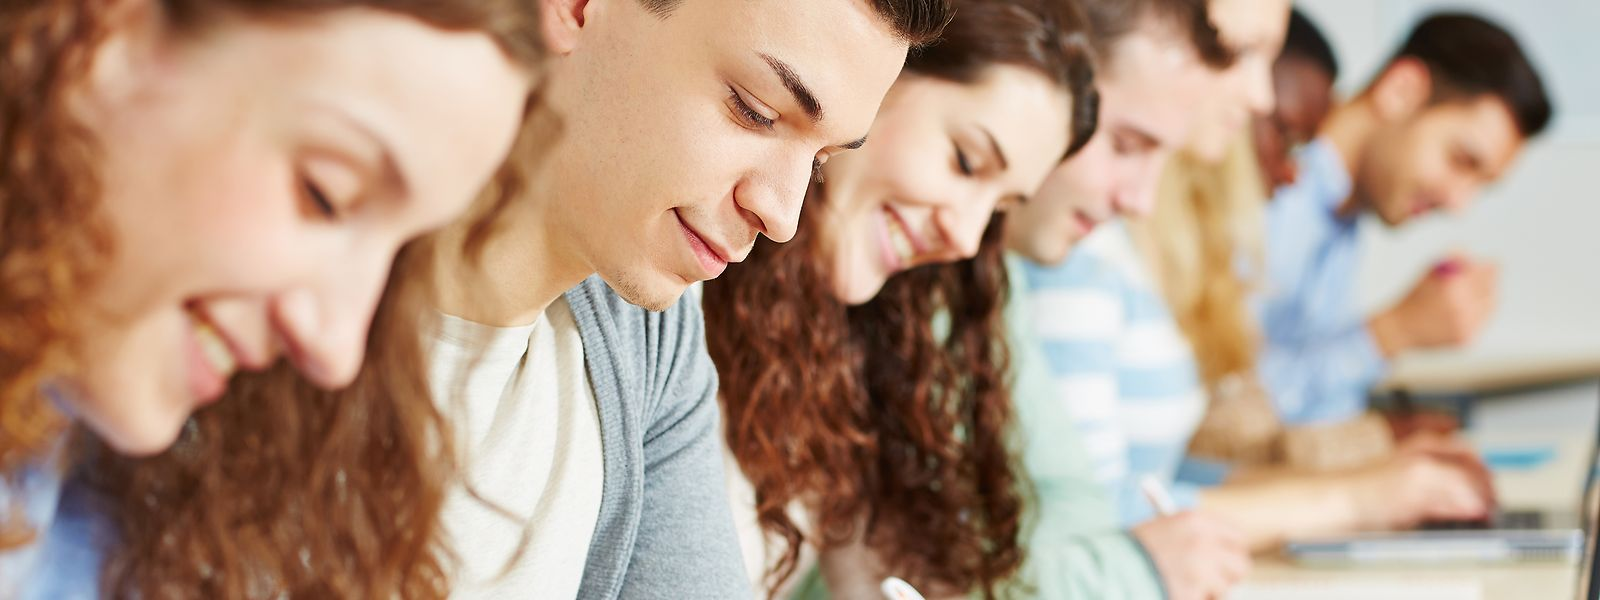 Wenn Examen zu Hause geschrieben, stellt sich die Frage, wie man überprüfen kann, ob die Studenten nicht schummeln.